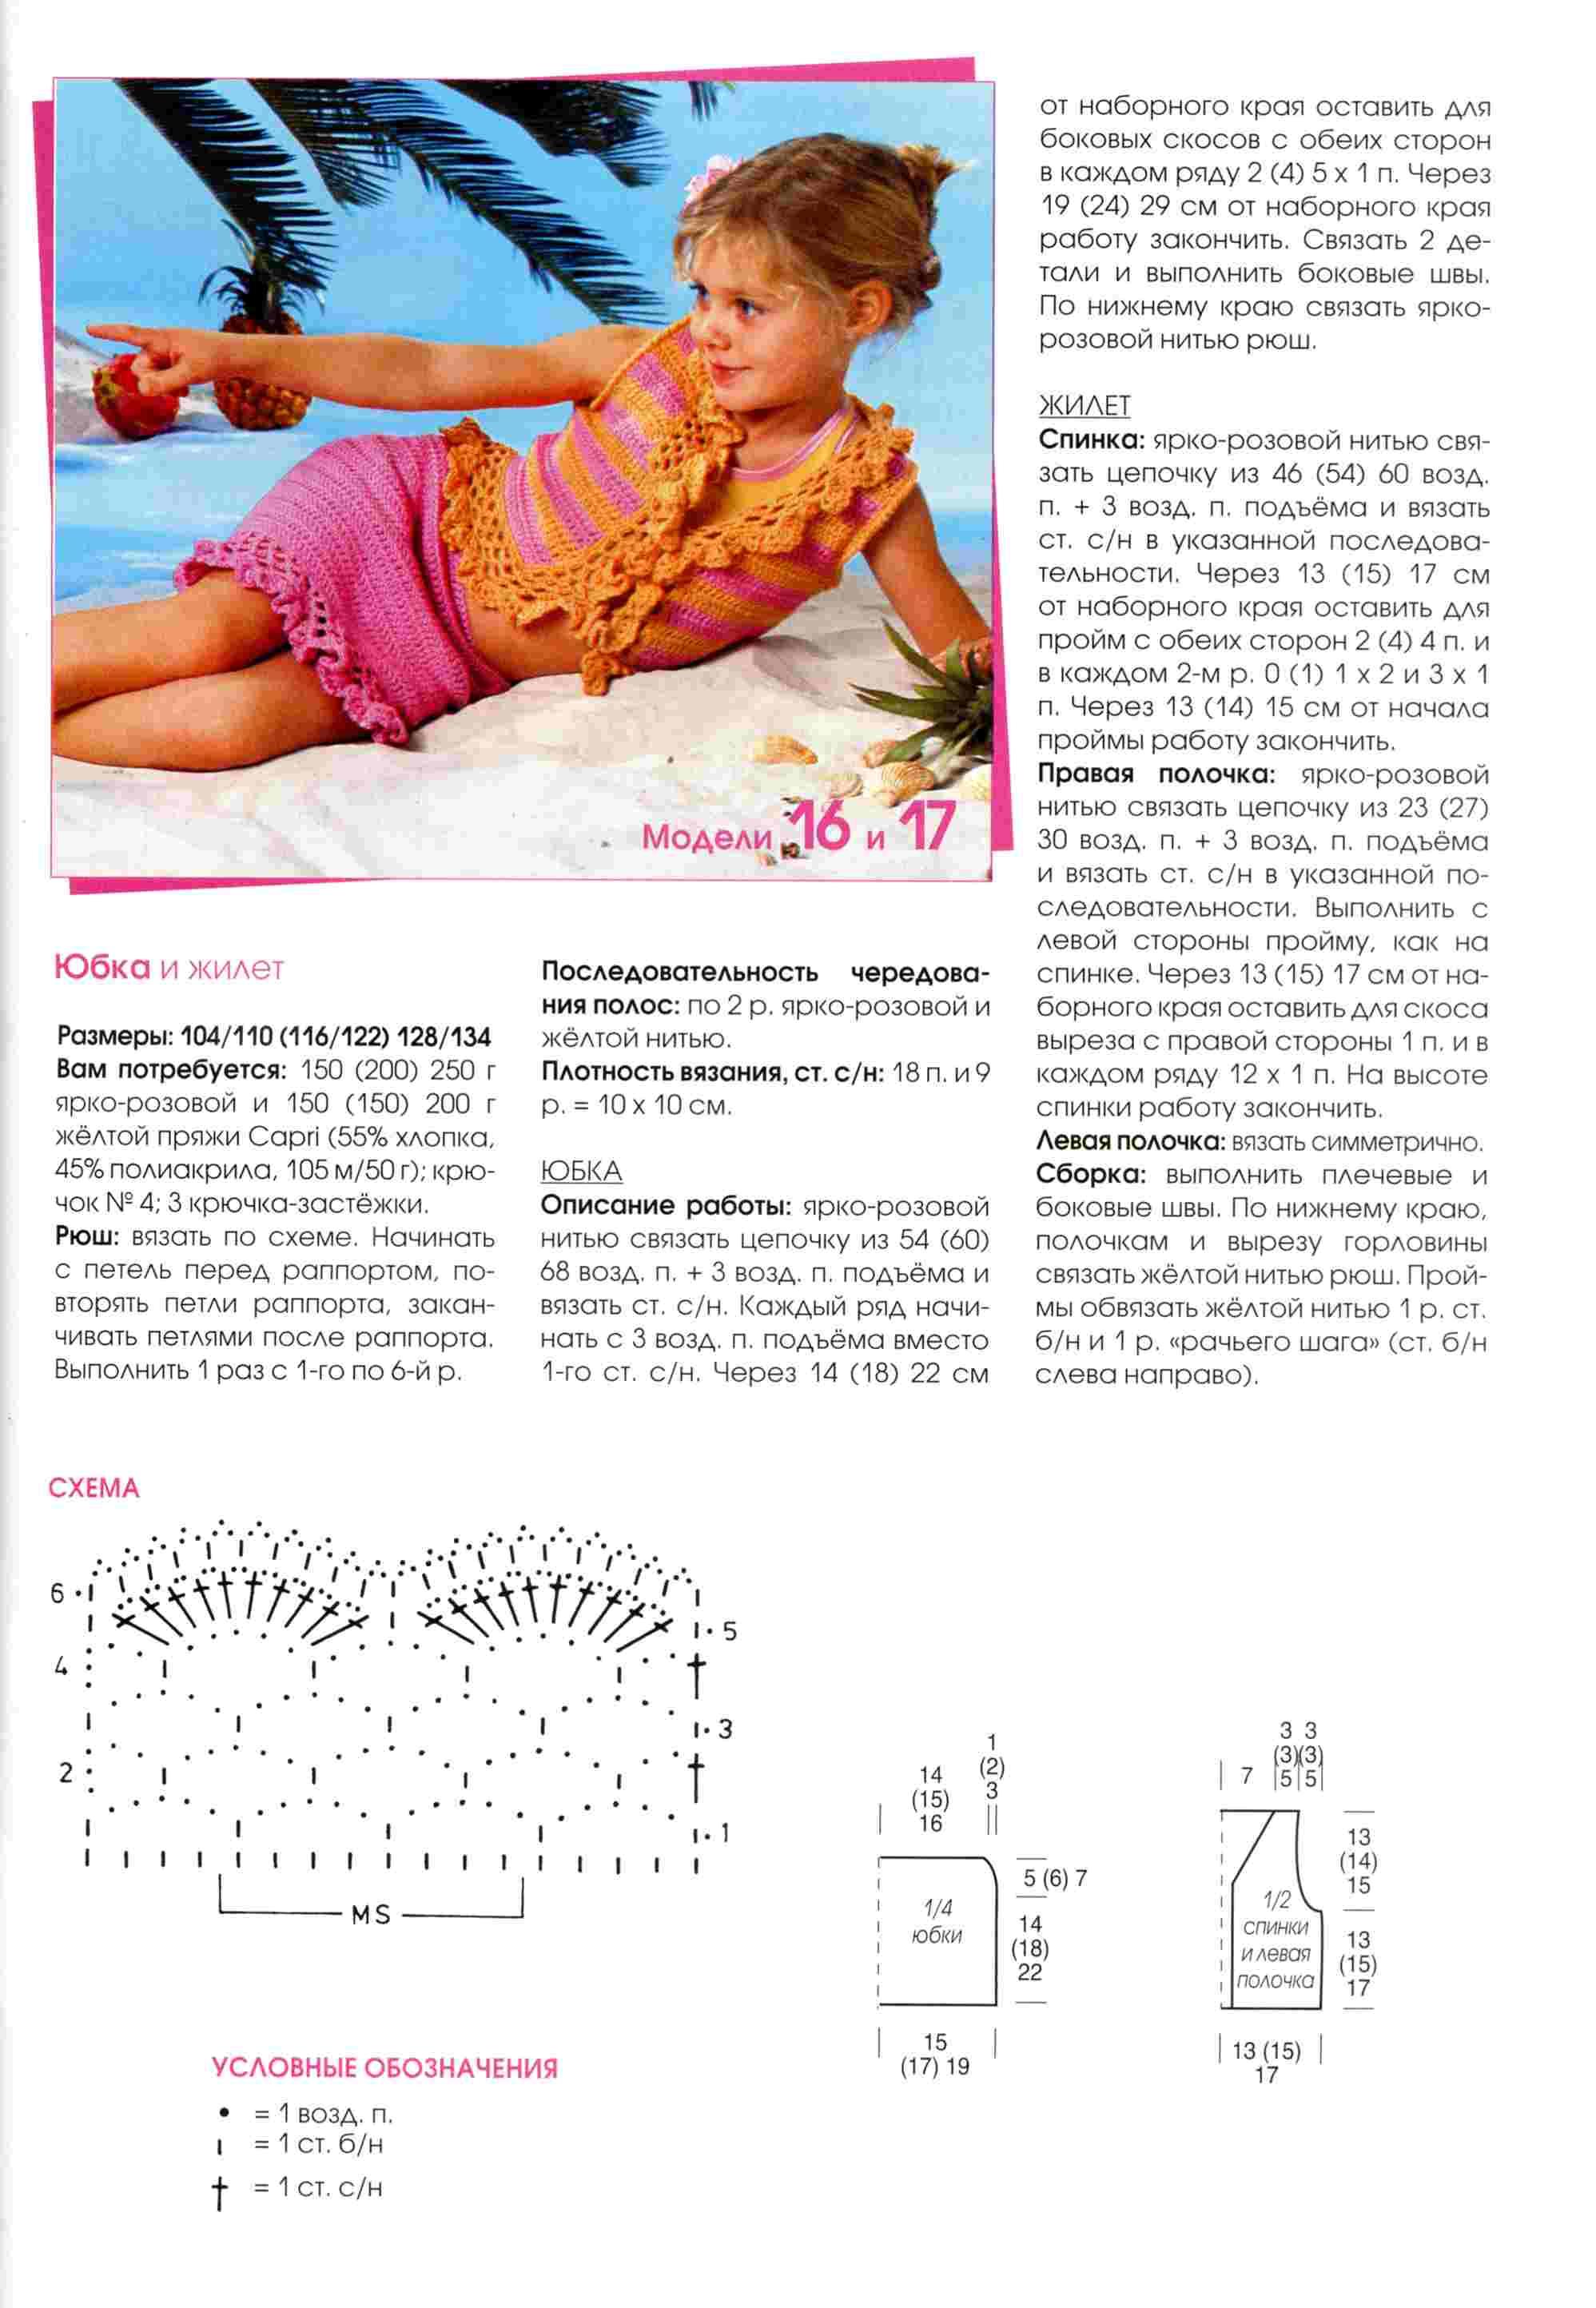 Вязаная юбка схема и описание для девочки